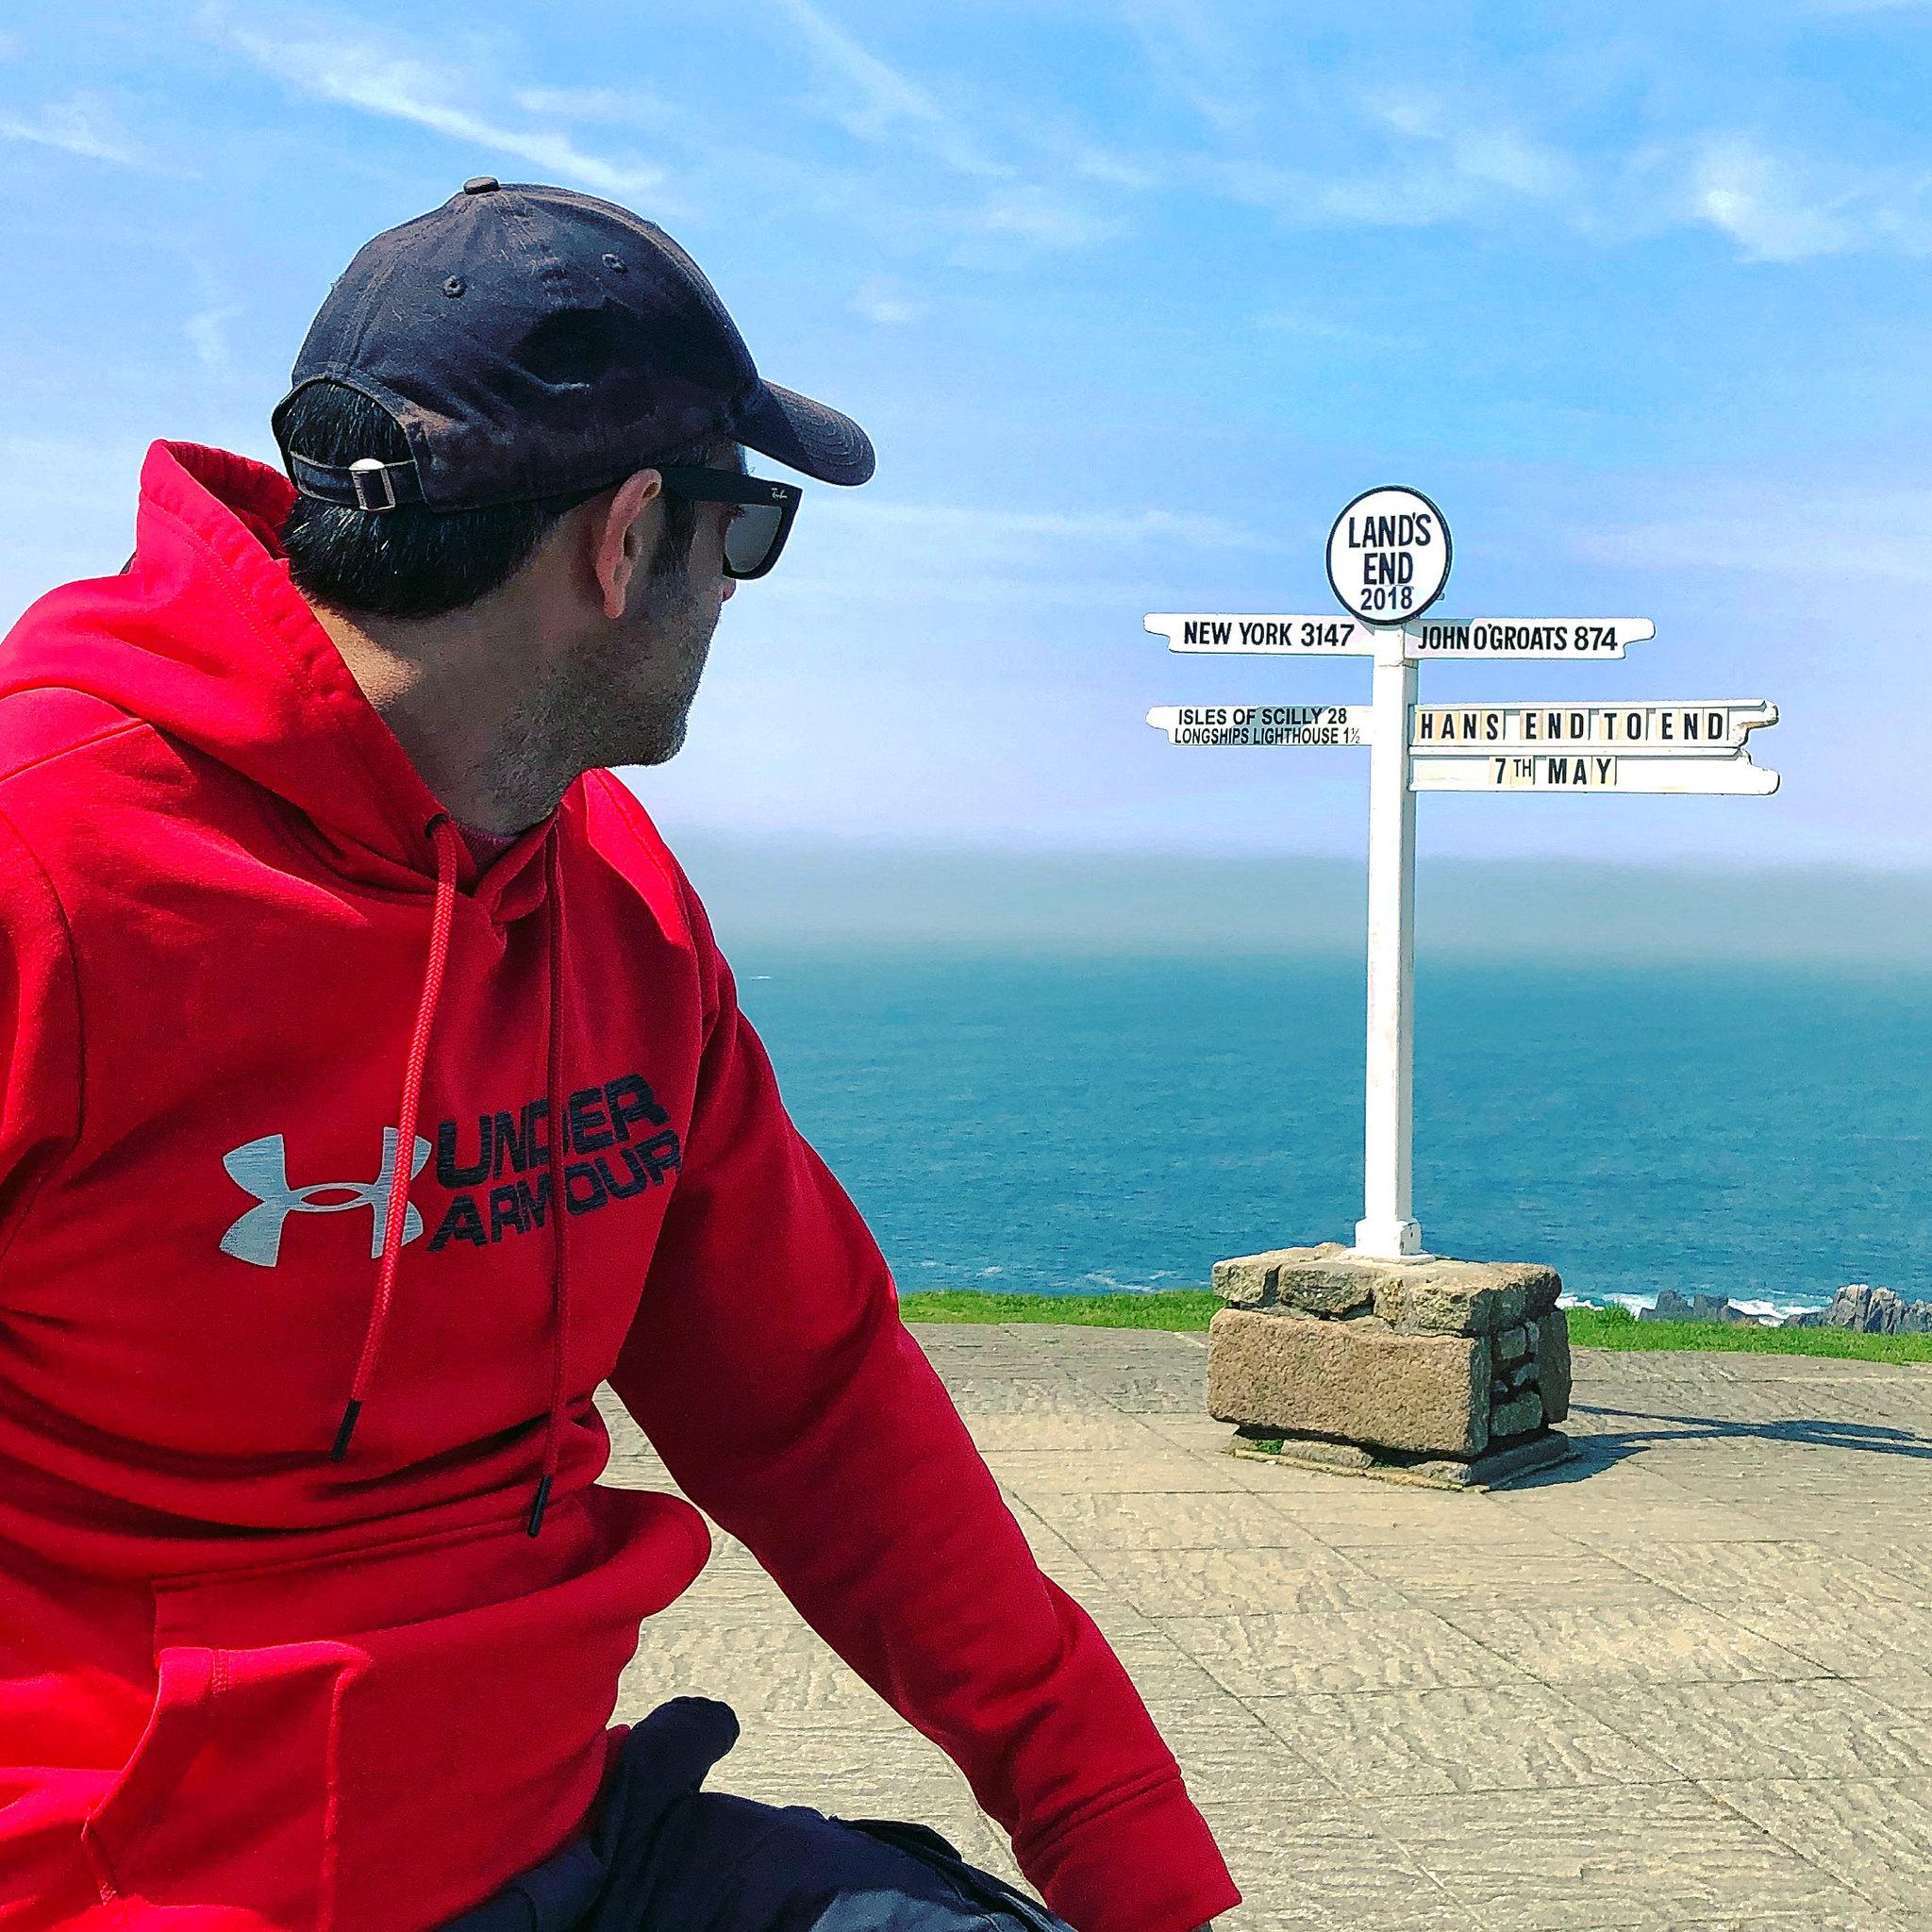 Qué ver en Cornwall, Cornualles - thewotme qué ver en cornwall - 48838140721 0f1f2f3a7a k - Qué ver en Cornwall: ruta de 3 días